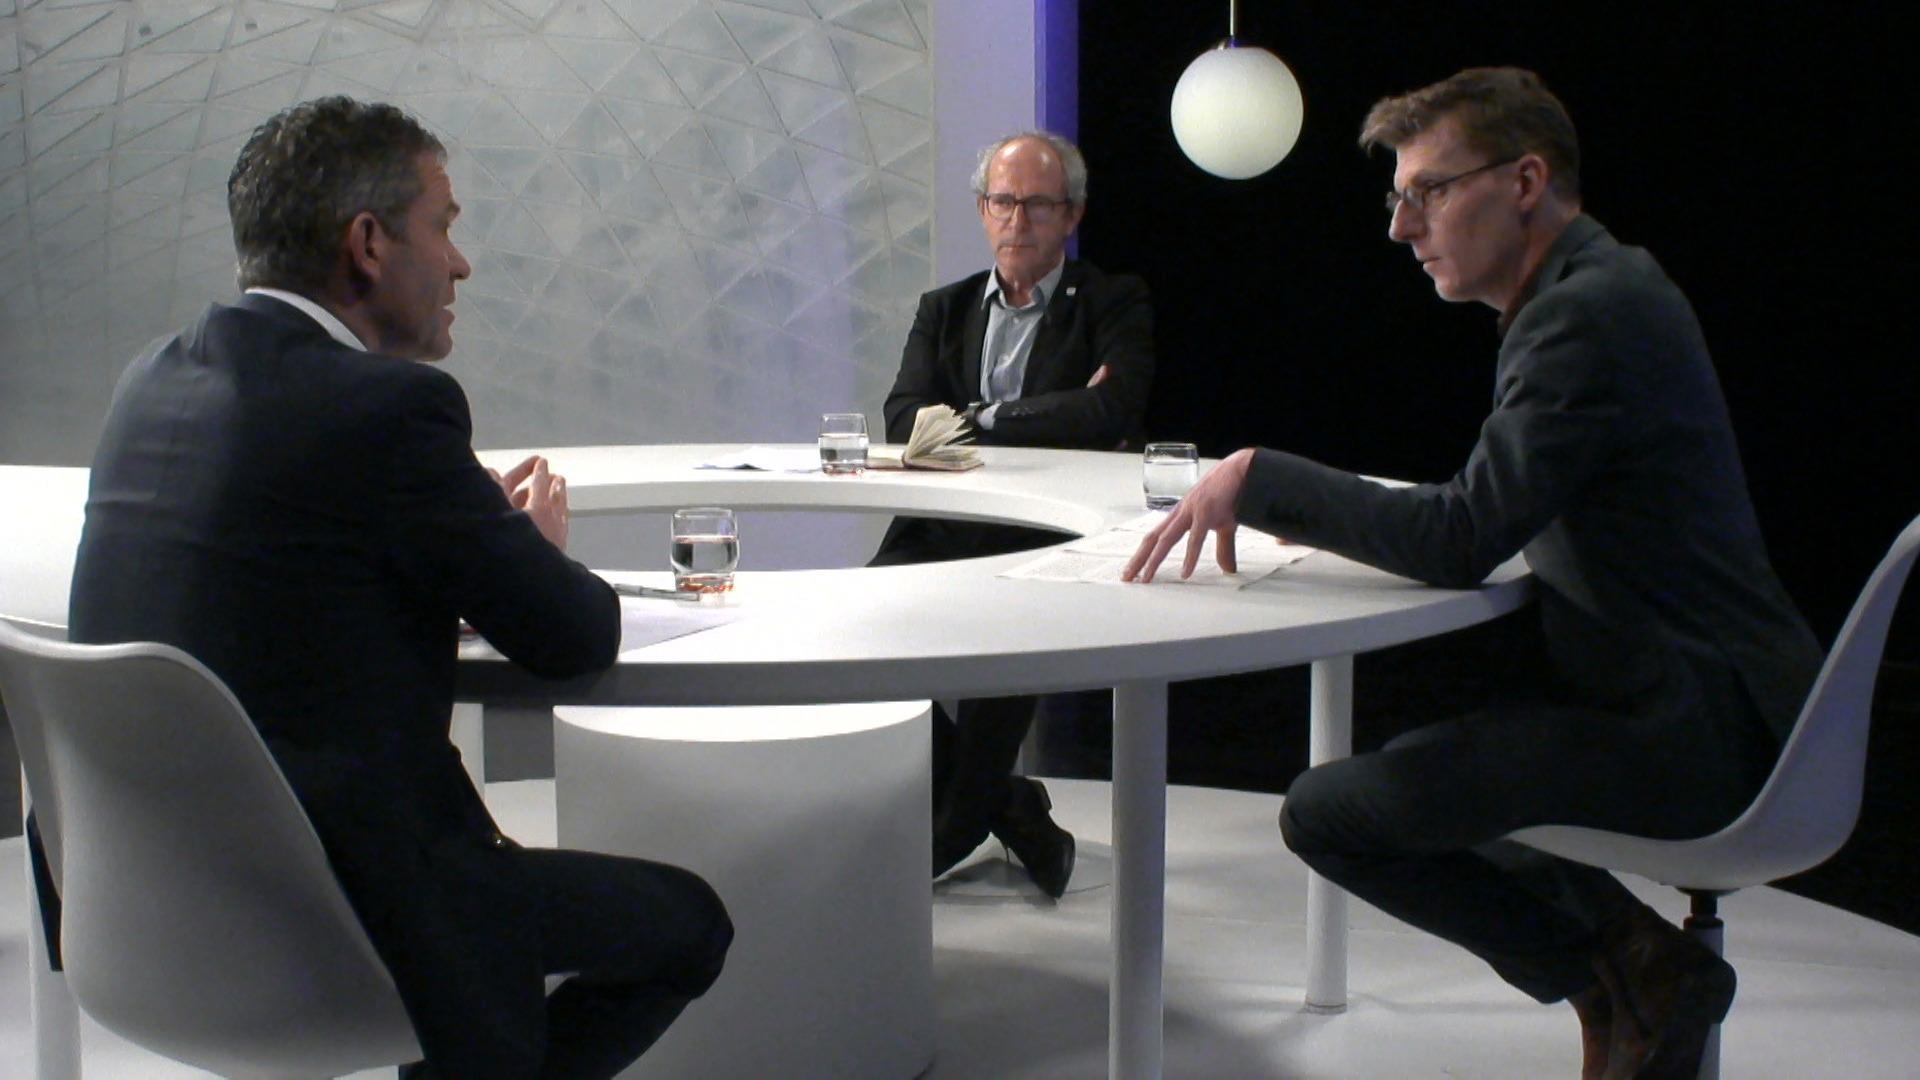 Het Debat: Fietsveiligheid - Renaat Landuyt (sp.a) en Lode Ceyssens (CD&V)